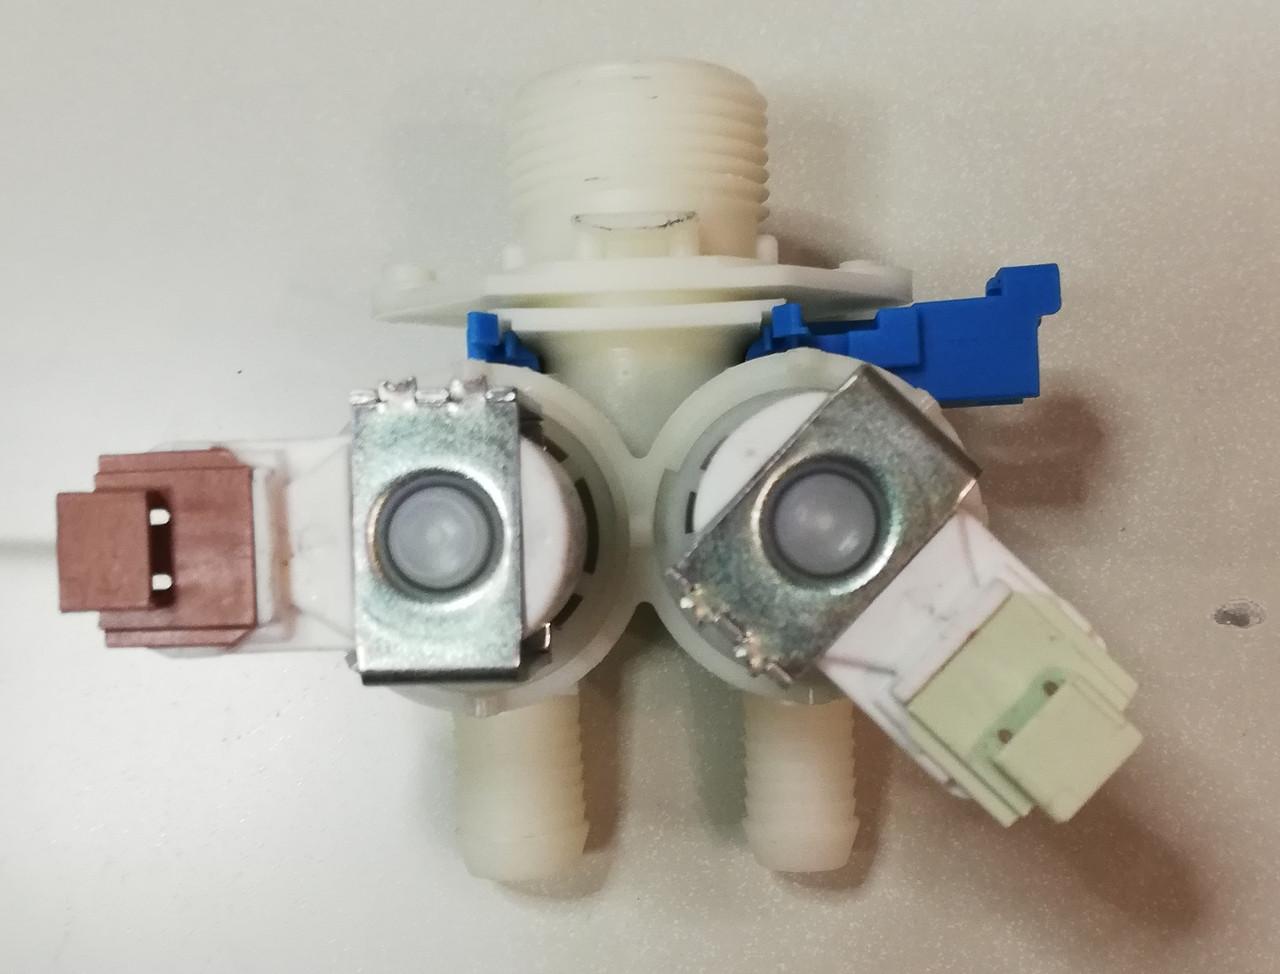 Клапан води 2/180 з мікро фішкою Zanussi 1325186508 до пральної машини